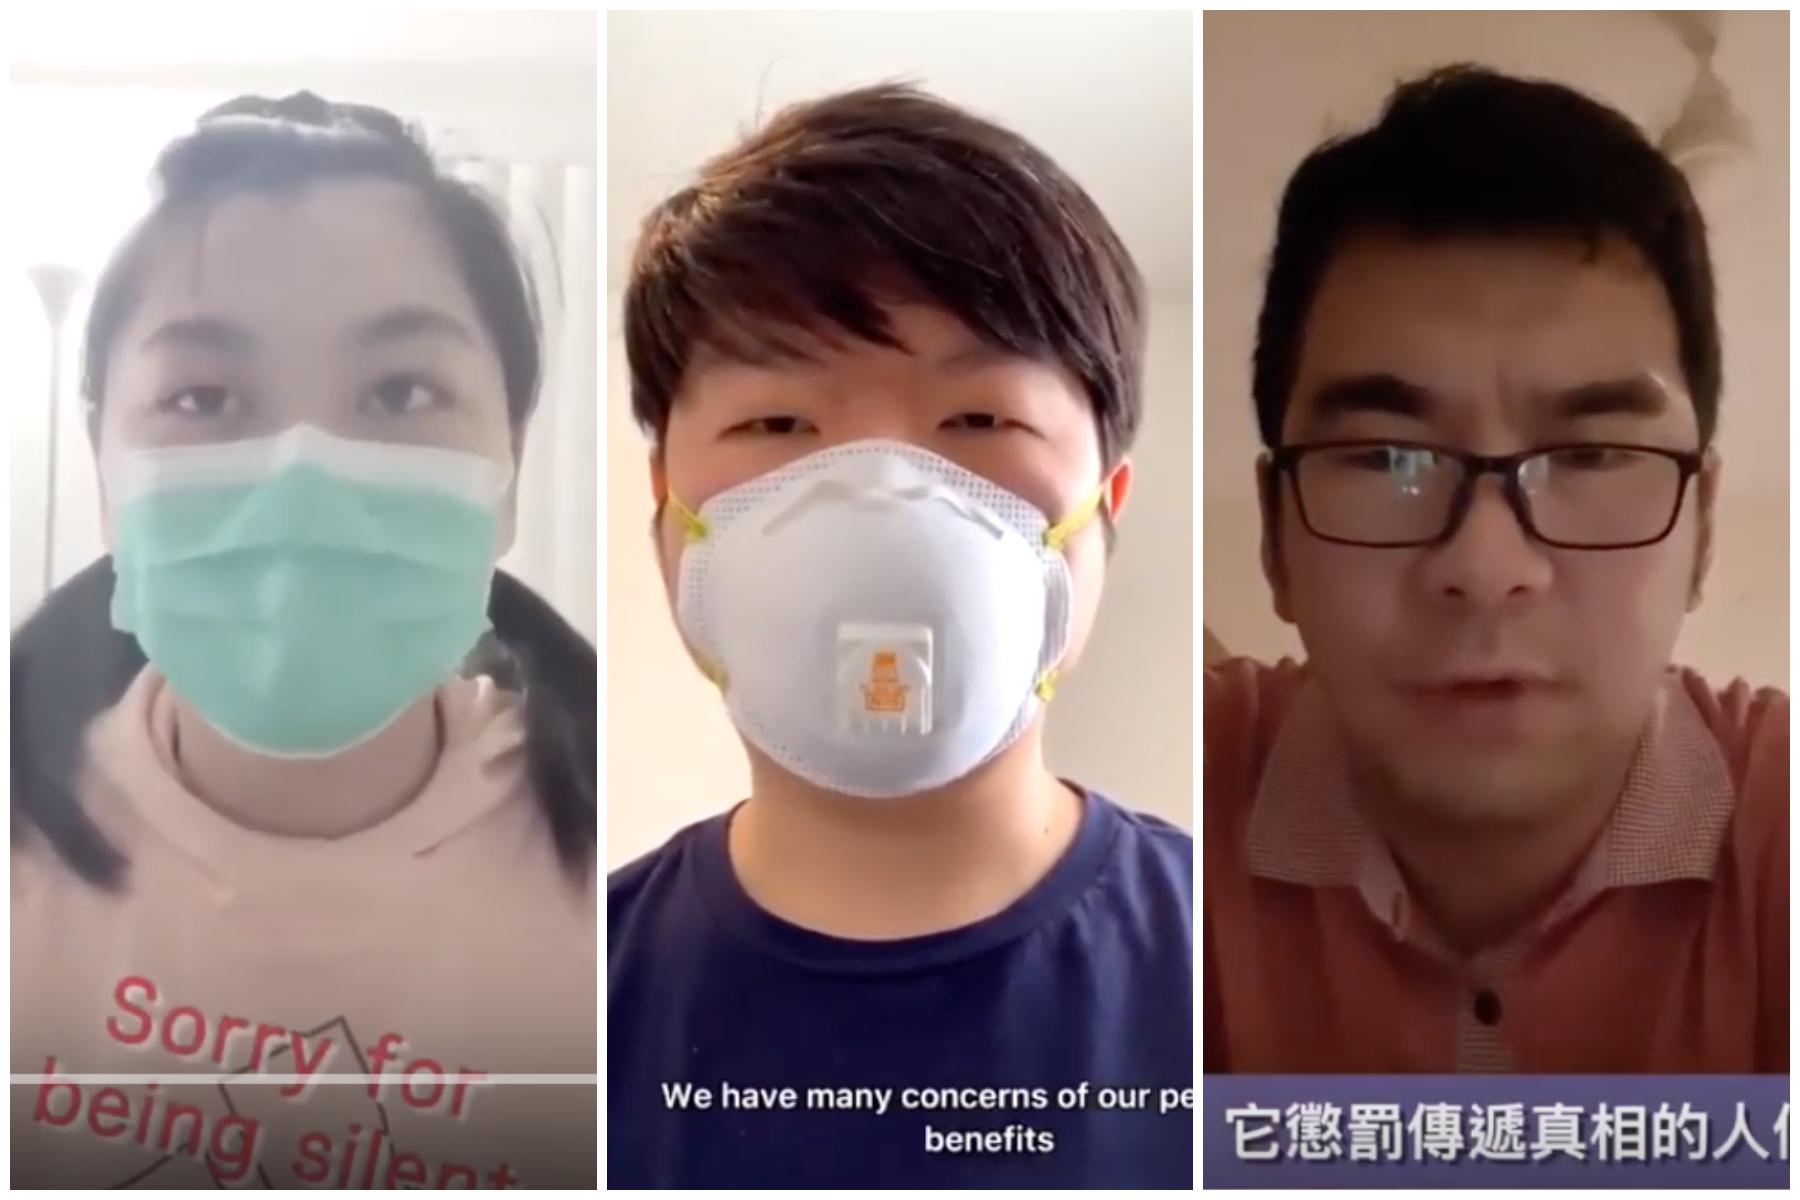 海外華人拒絕沉默 錄影片向中共追責